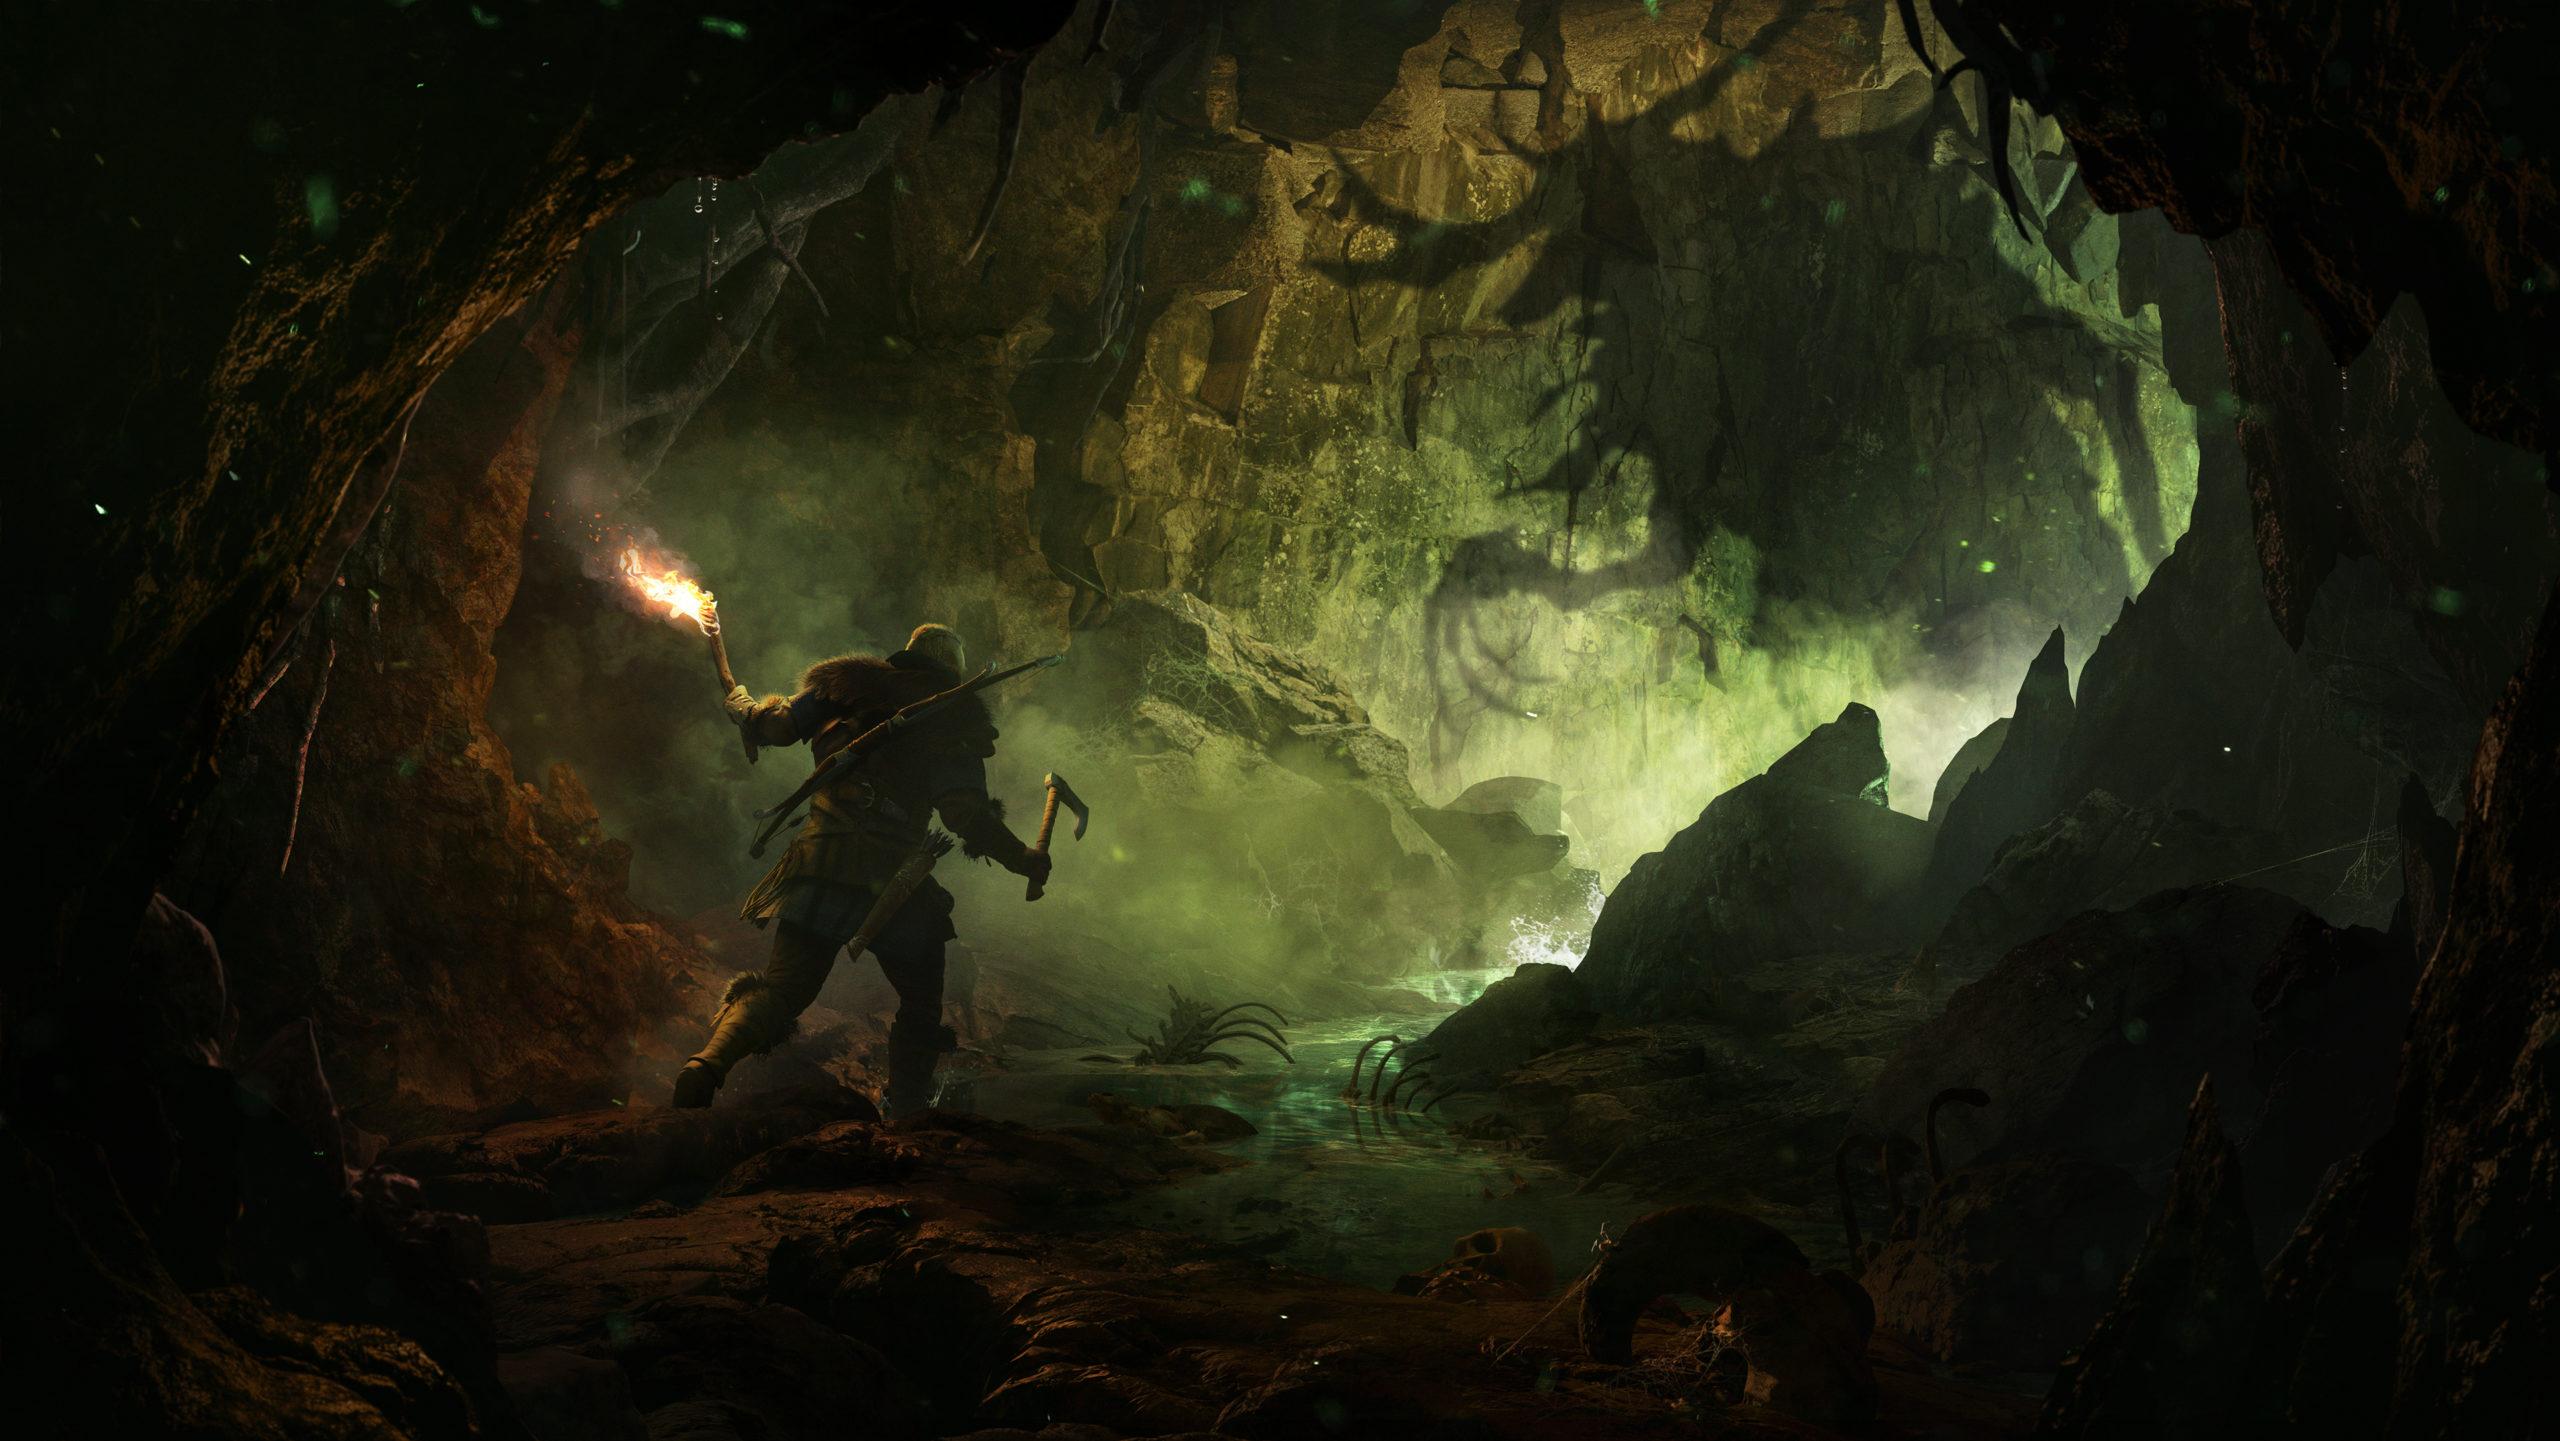 Percez le mystère entourant le célèbre personnage de Béowulf dans la première mission de la passe de saison